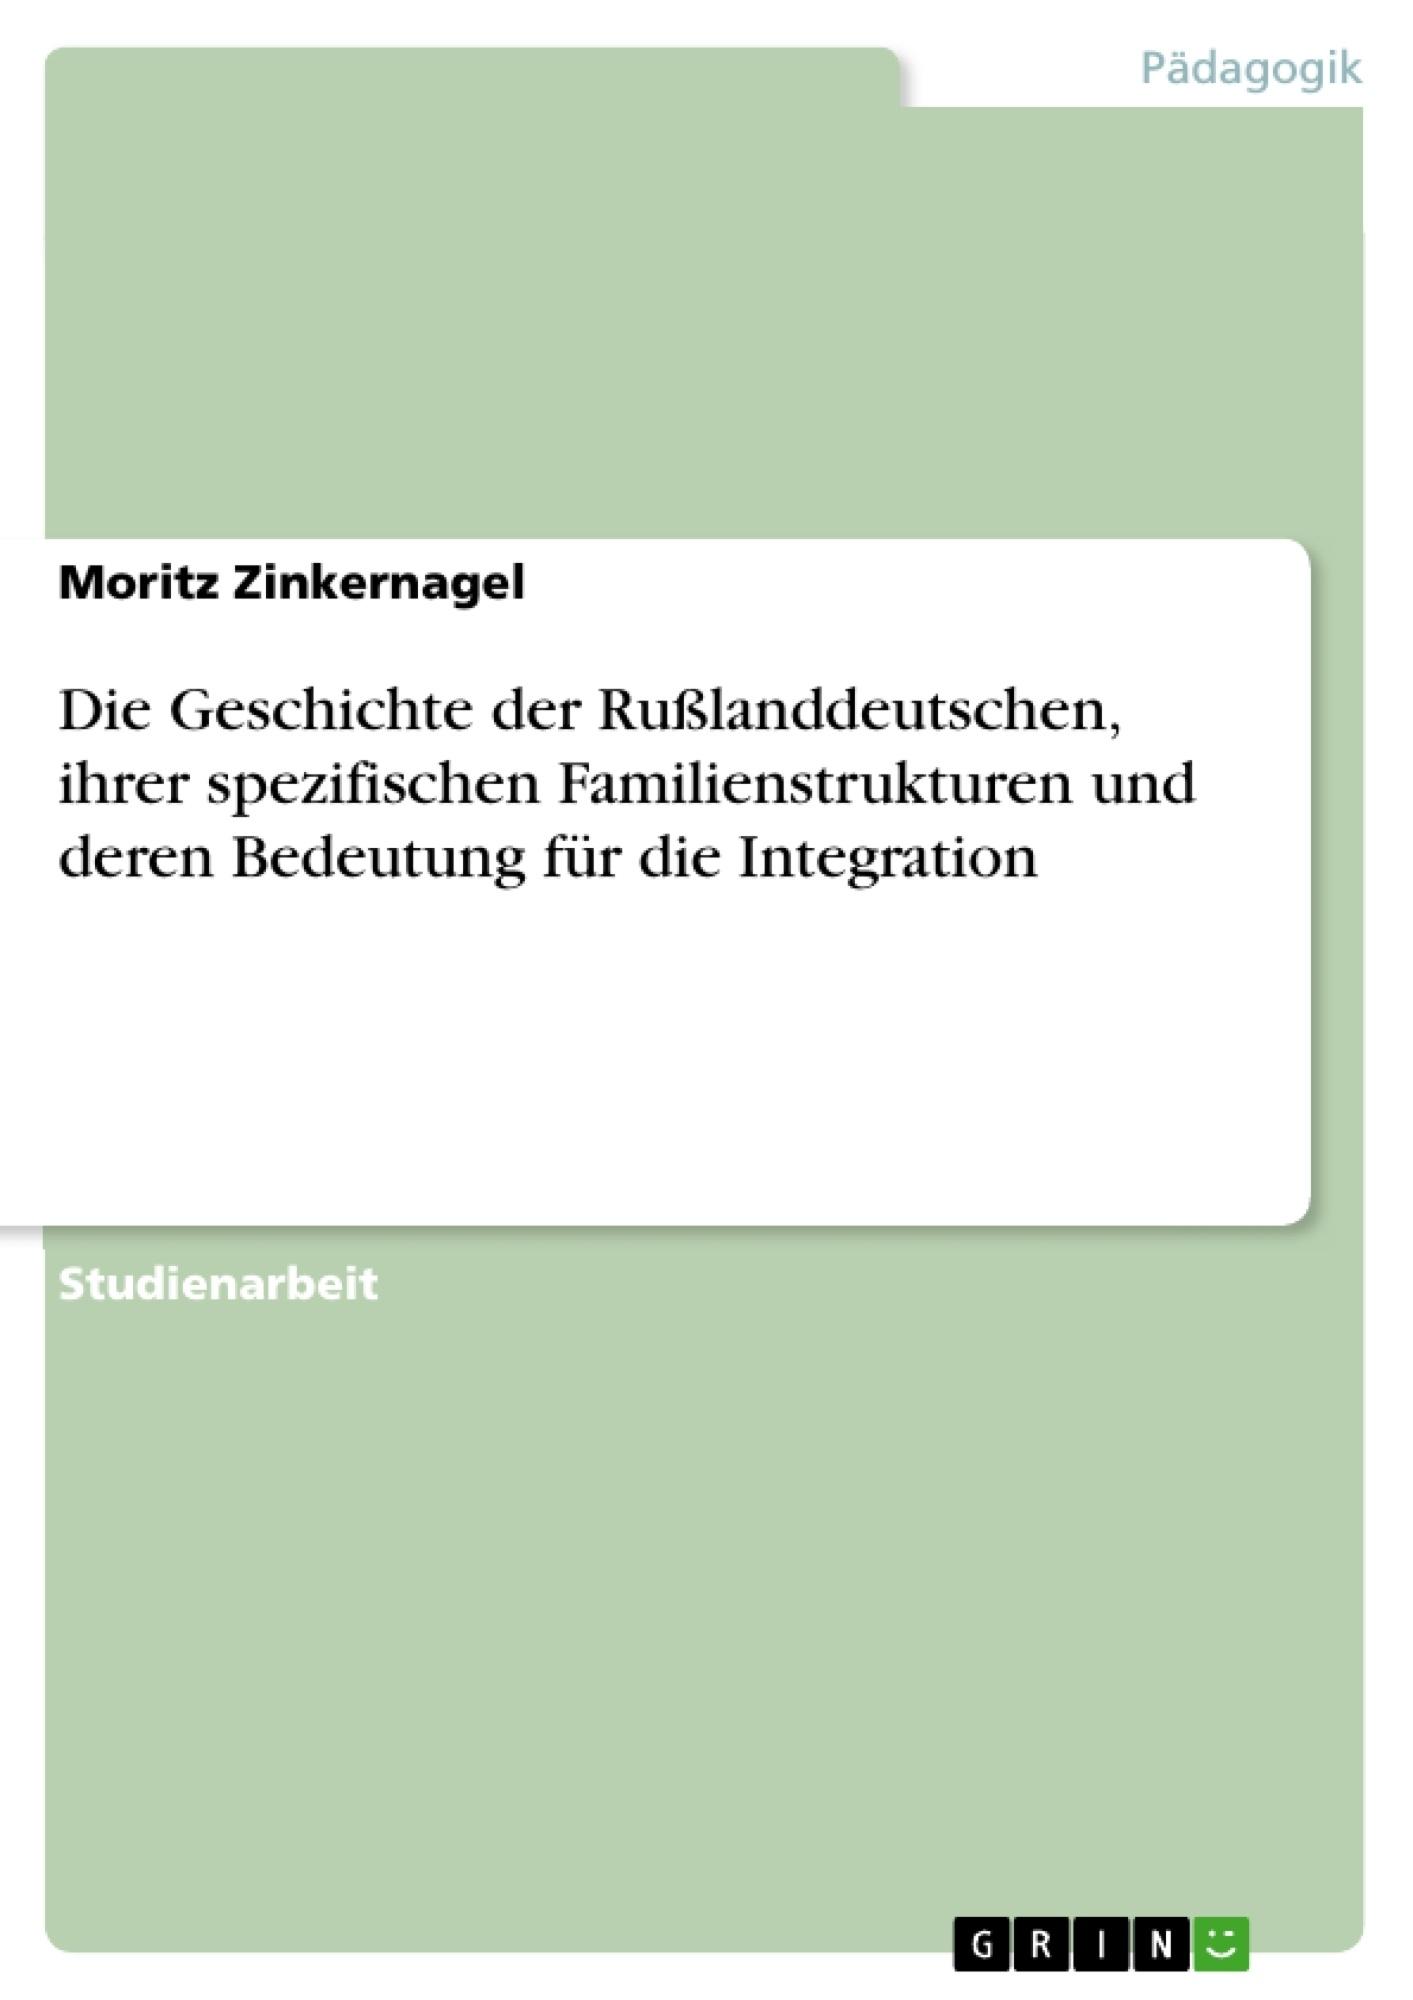 Titel: Die Geschichte der Rußlanddeutschen, ihrer spezifischen Familienstrukturen und deren Bedeutung für die Integration